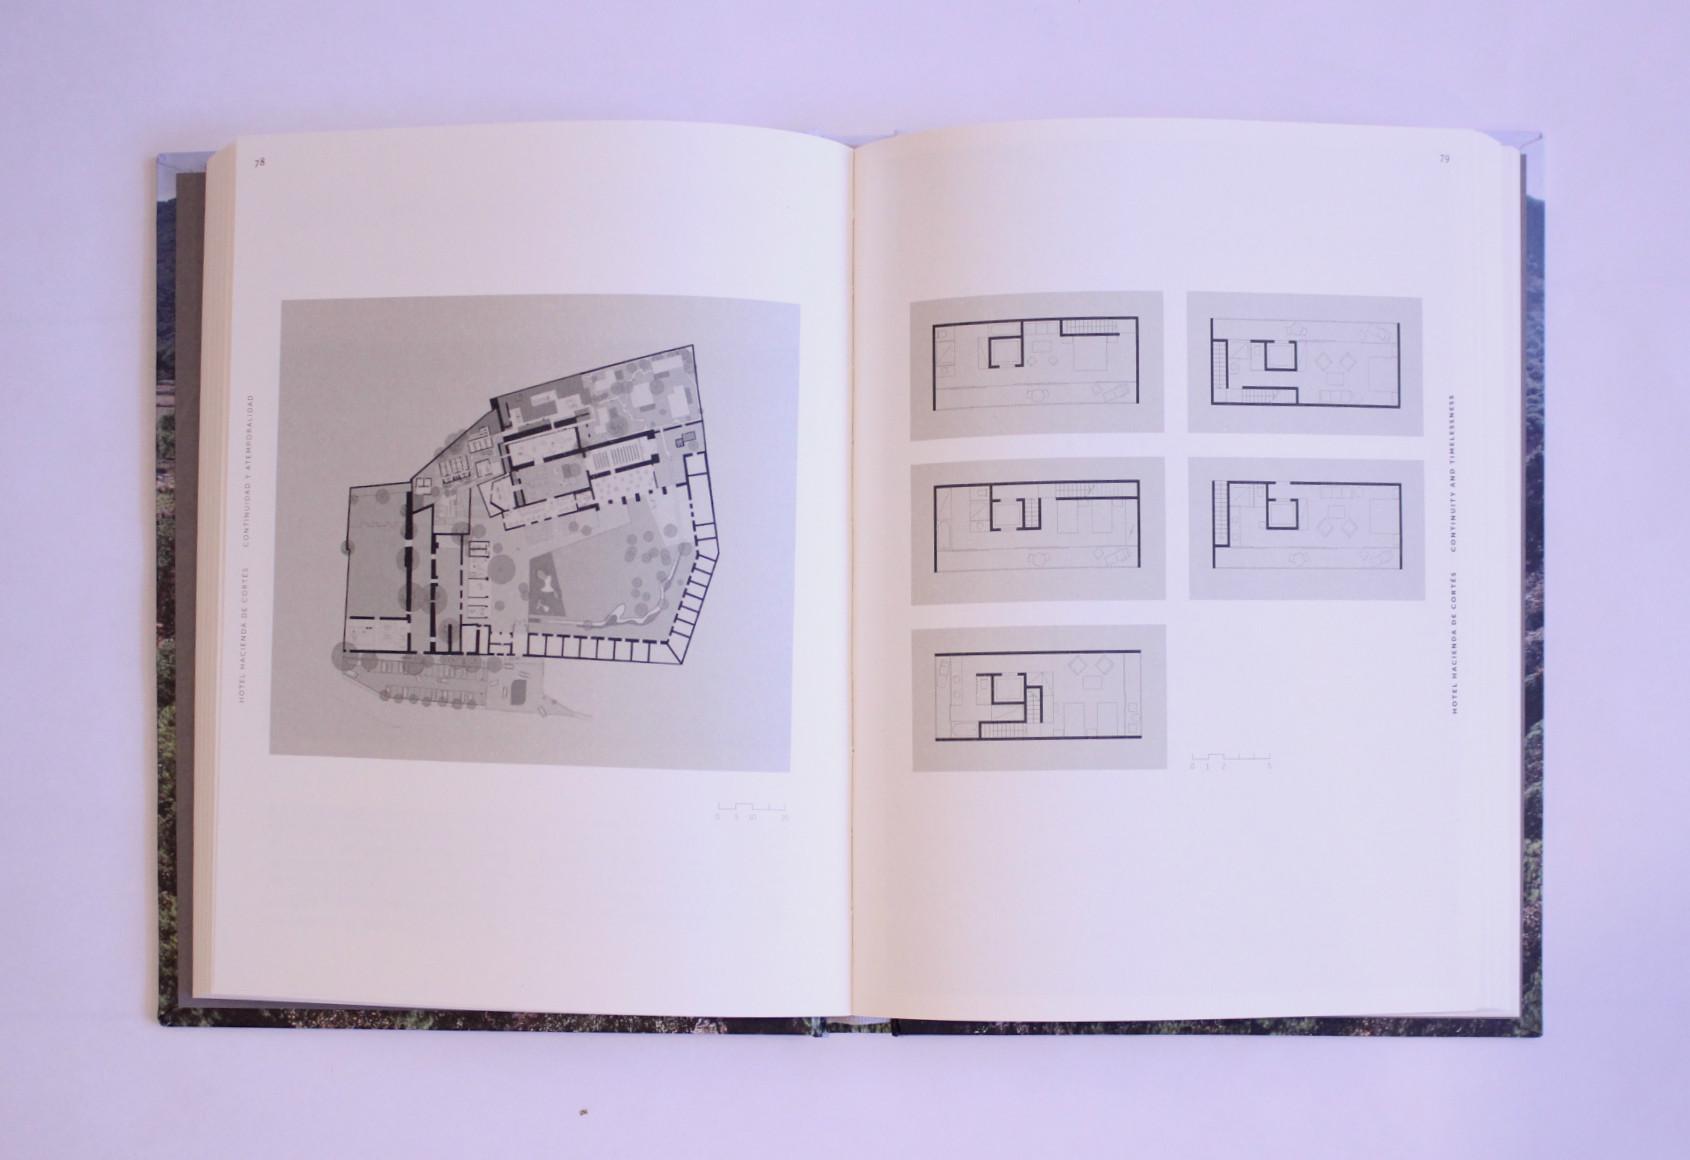 Pragmatismo po tico una mirada al proceso creativo de - Cm arquitectos ...